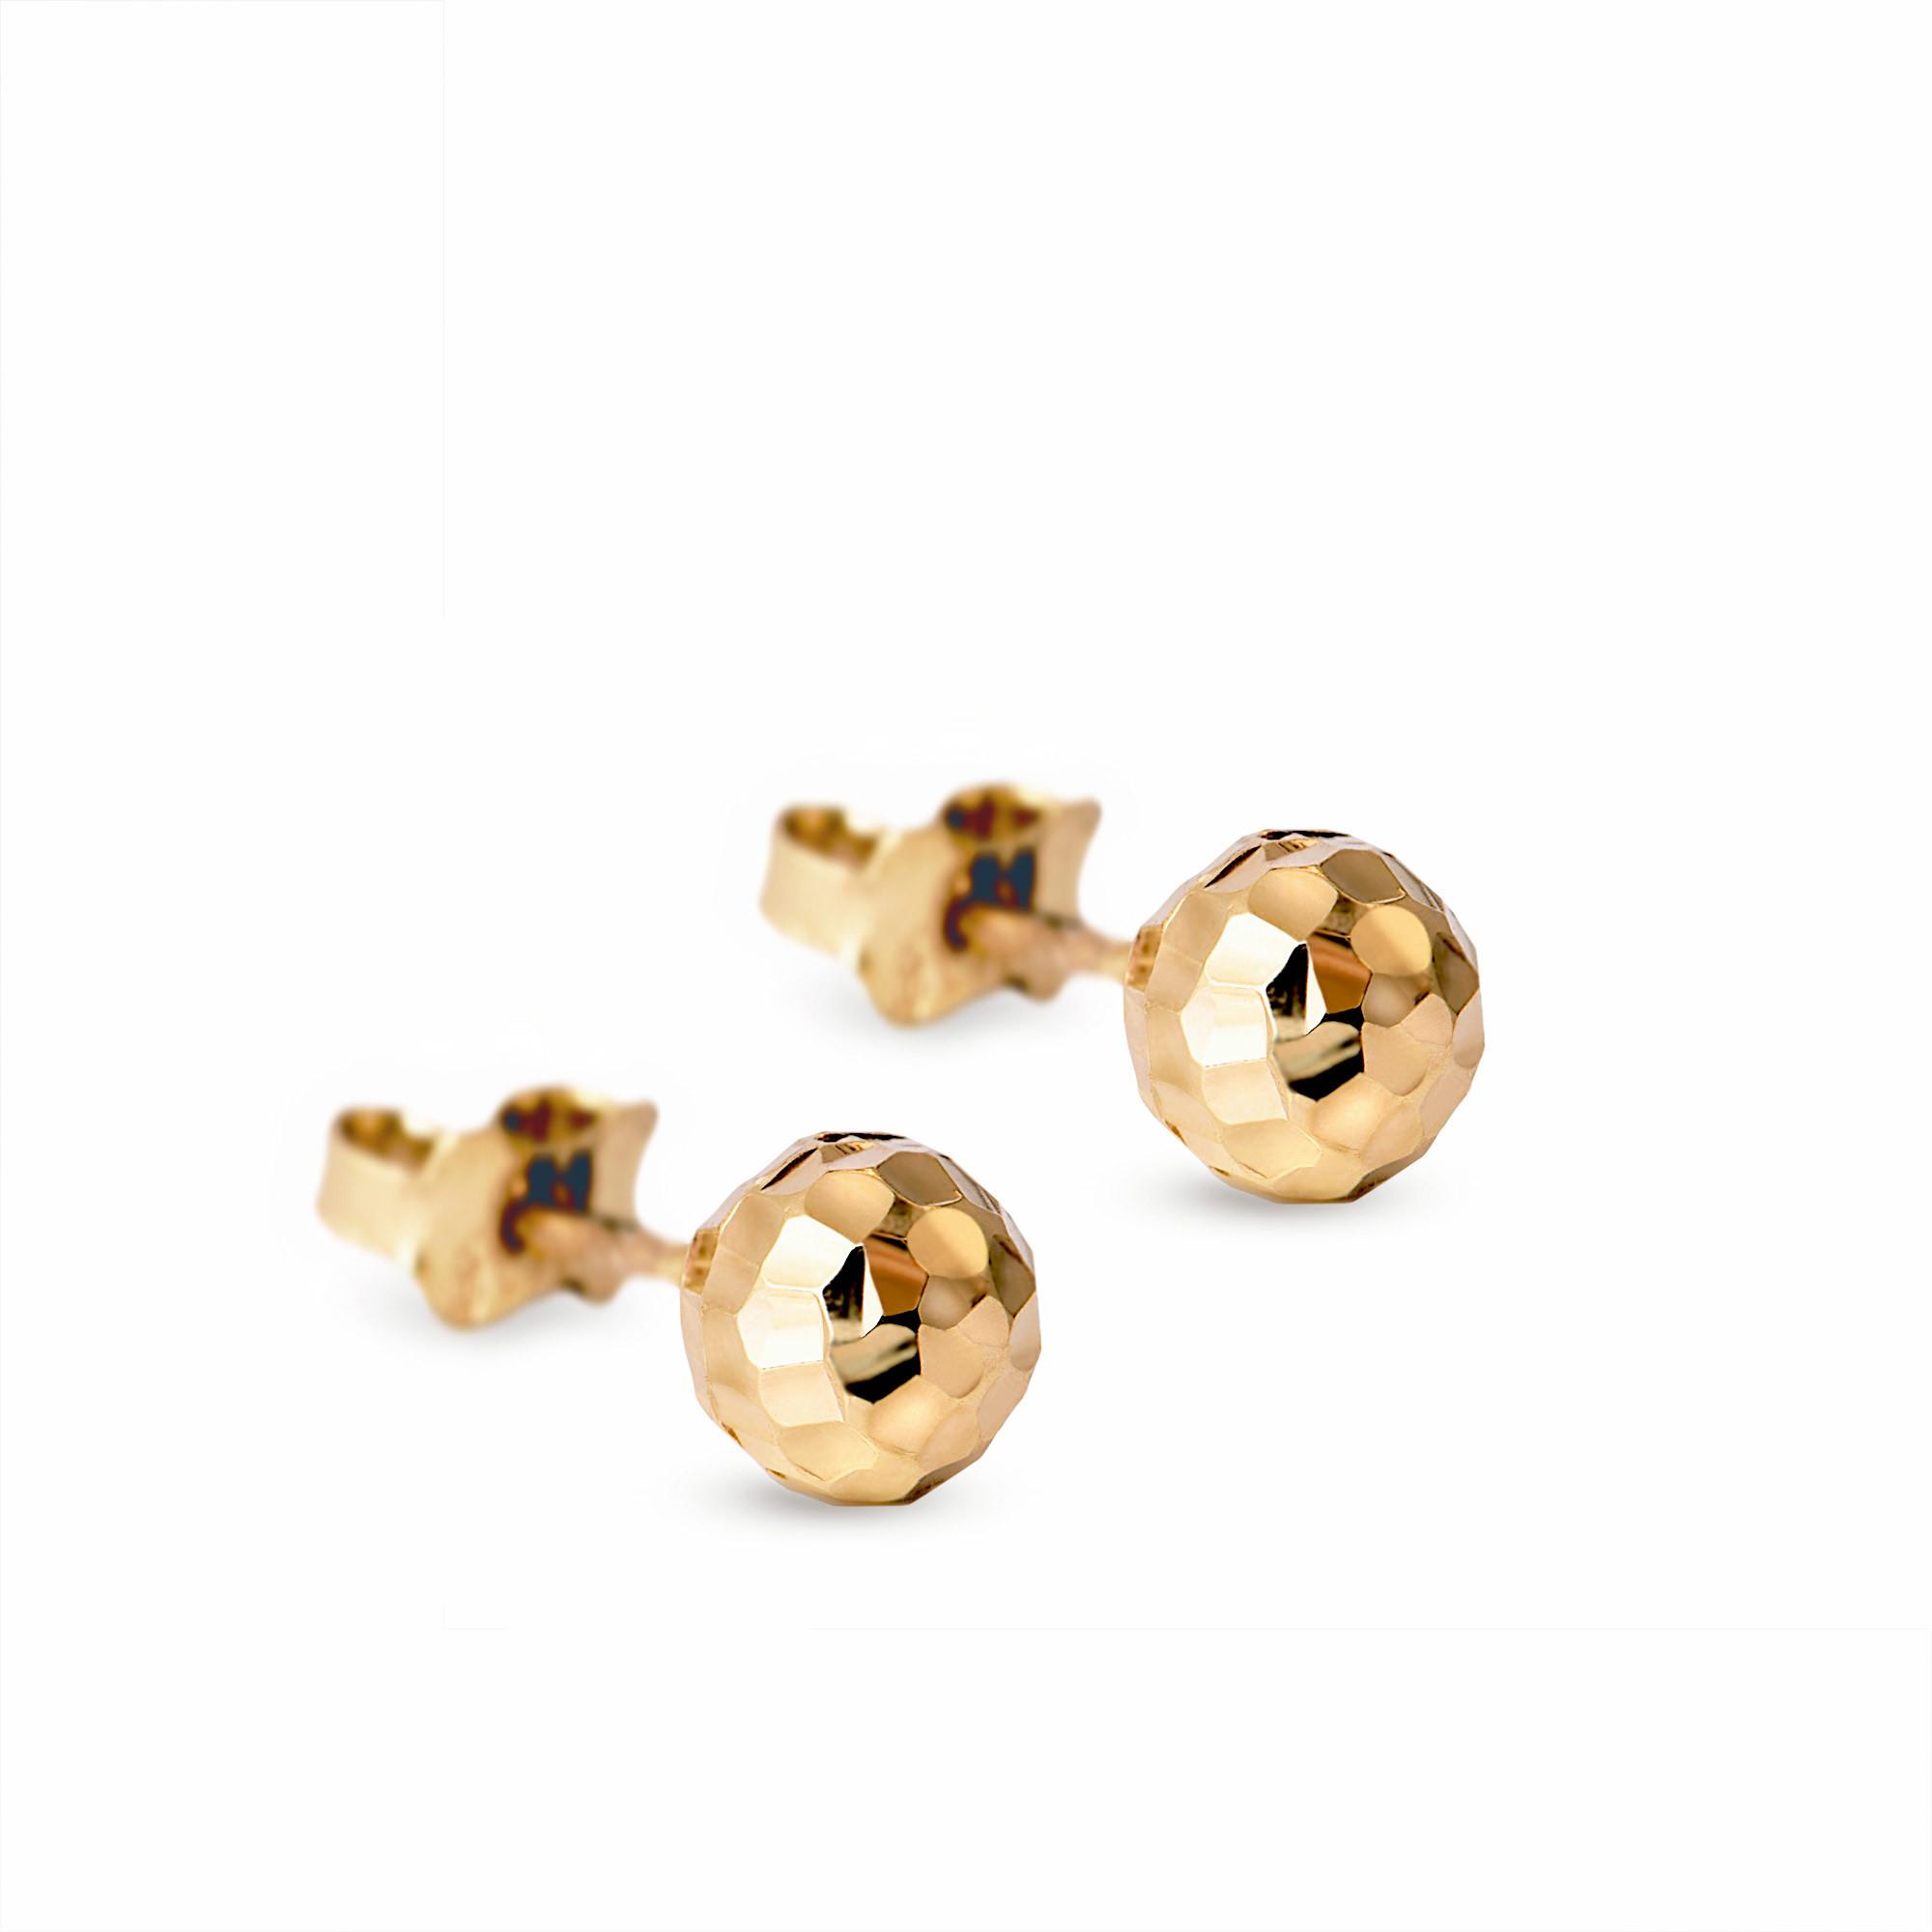 Kolczyki z żółtego złota kuleczki grawerowane, zapięcie na sztyft, próba 585